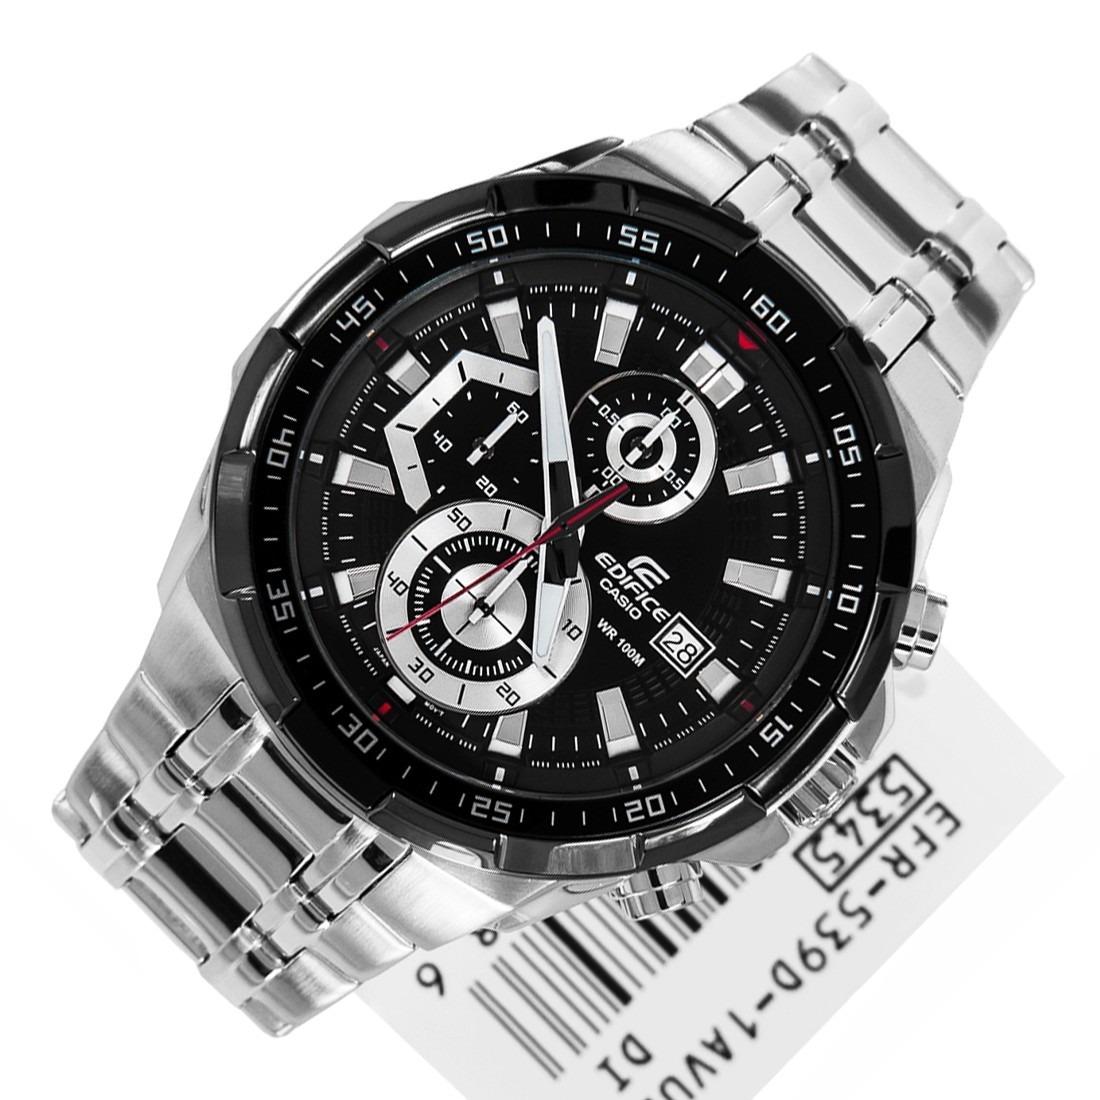 894994acc3a1 Reloj Casio Edifice Efr 539d-1av Precio Acero Inoxidable -   228.900 ...